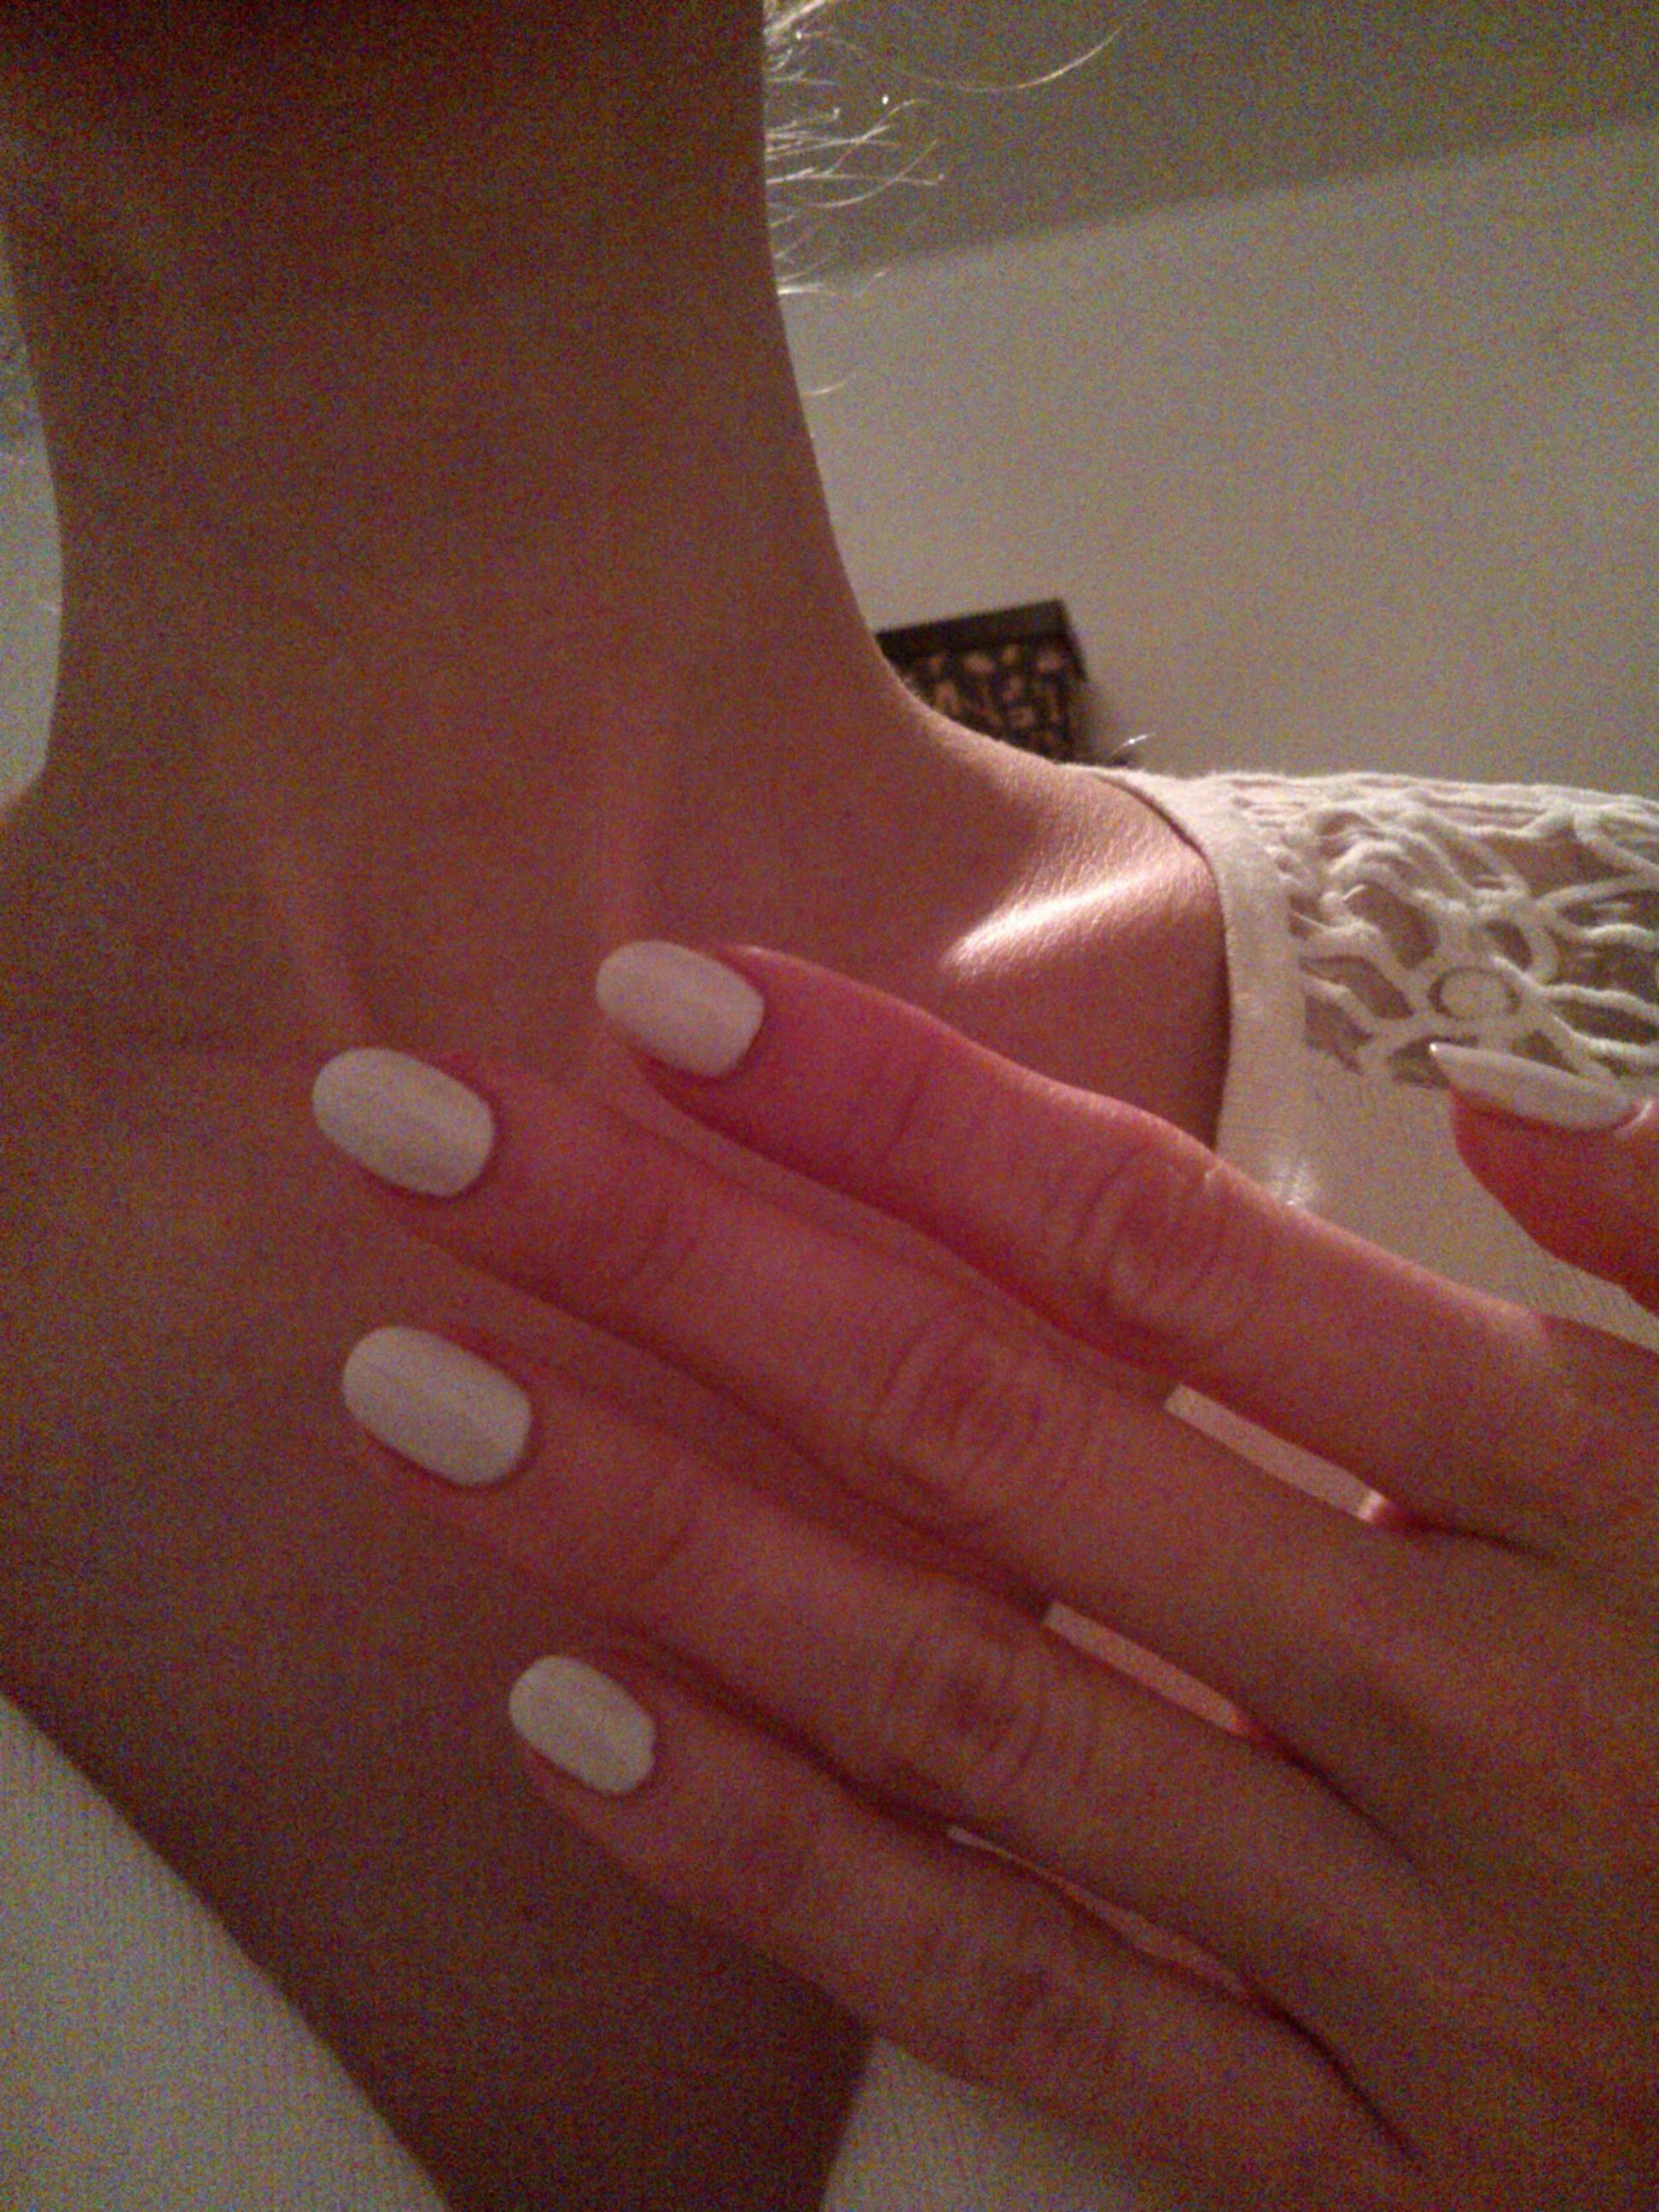 Áno, bielu milujem, aj na nechtoch. Je pre mňa symbolom sofistikovaného minimalizmu, čistoty, nehy. Biele nechty sú chic a elegantné. Len si netreba biely lak zamieňať s kancelárskym bielidlom..